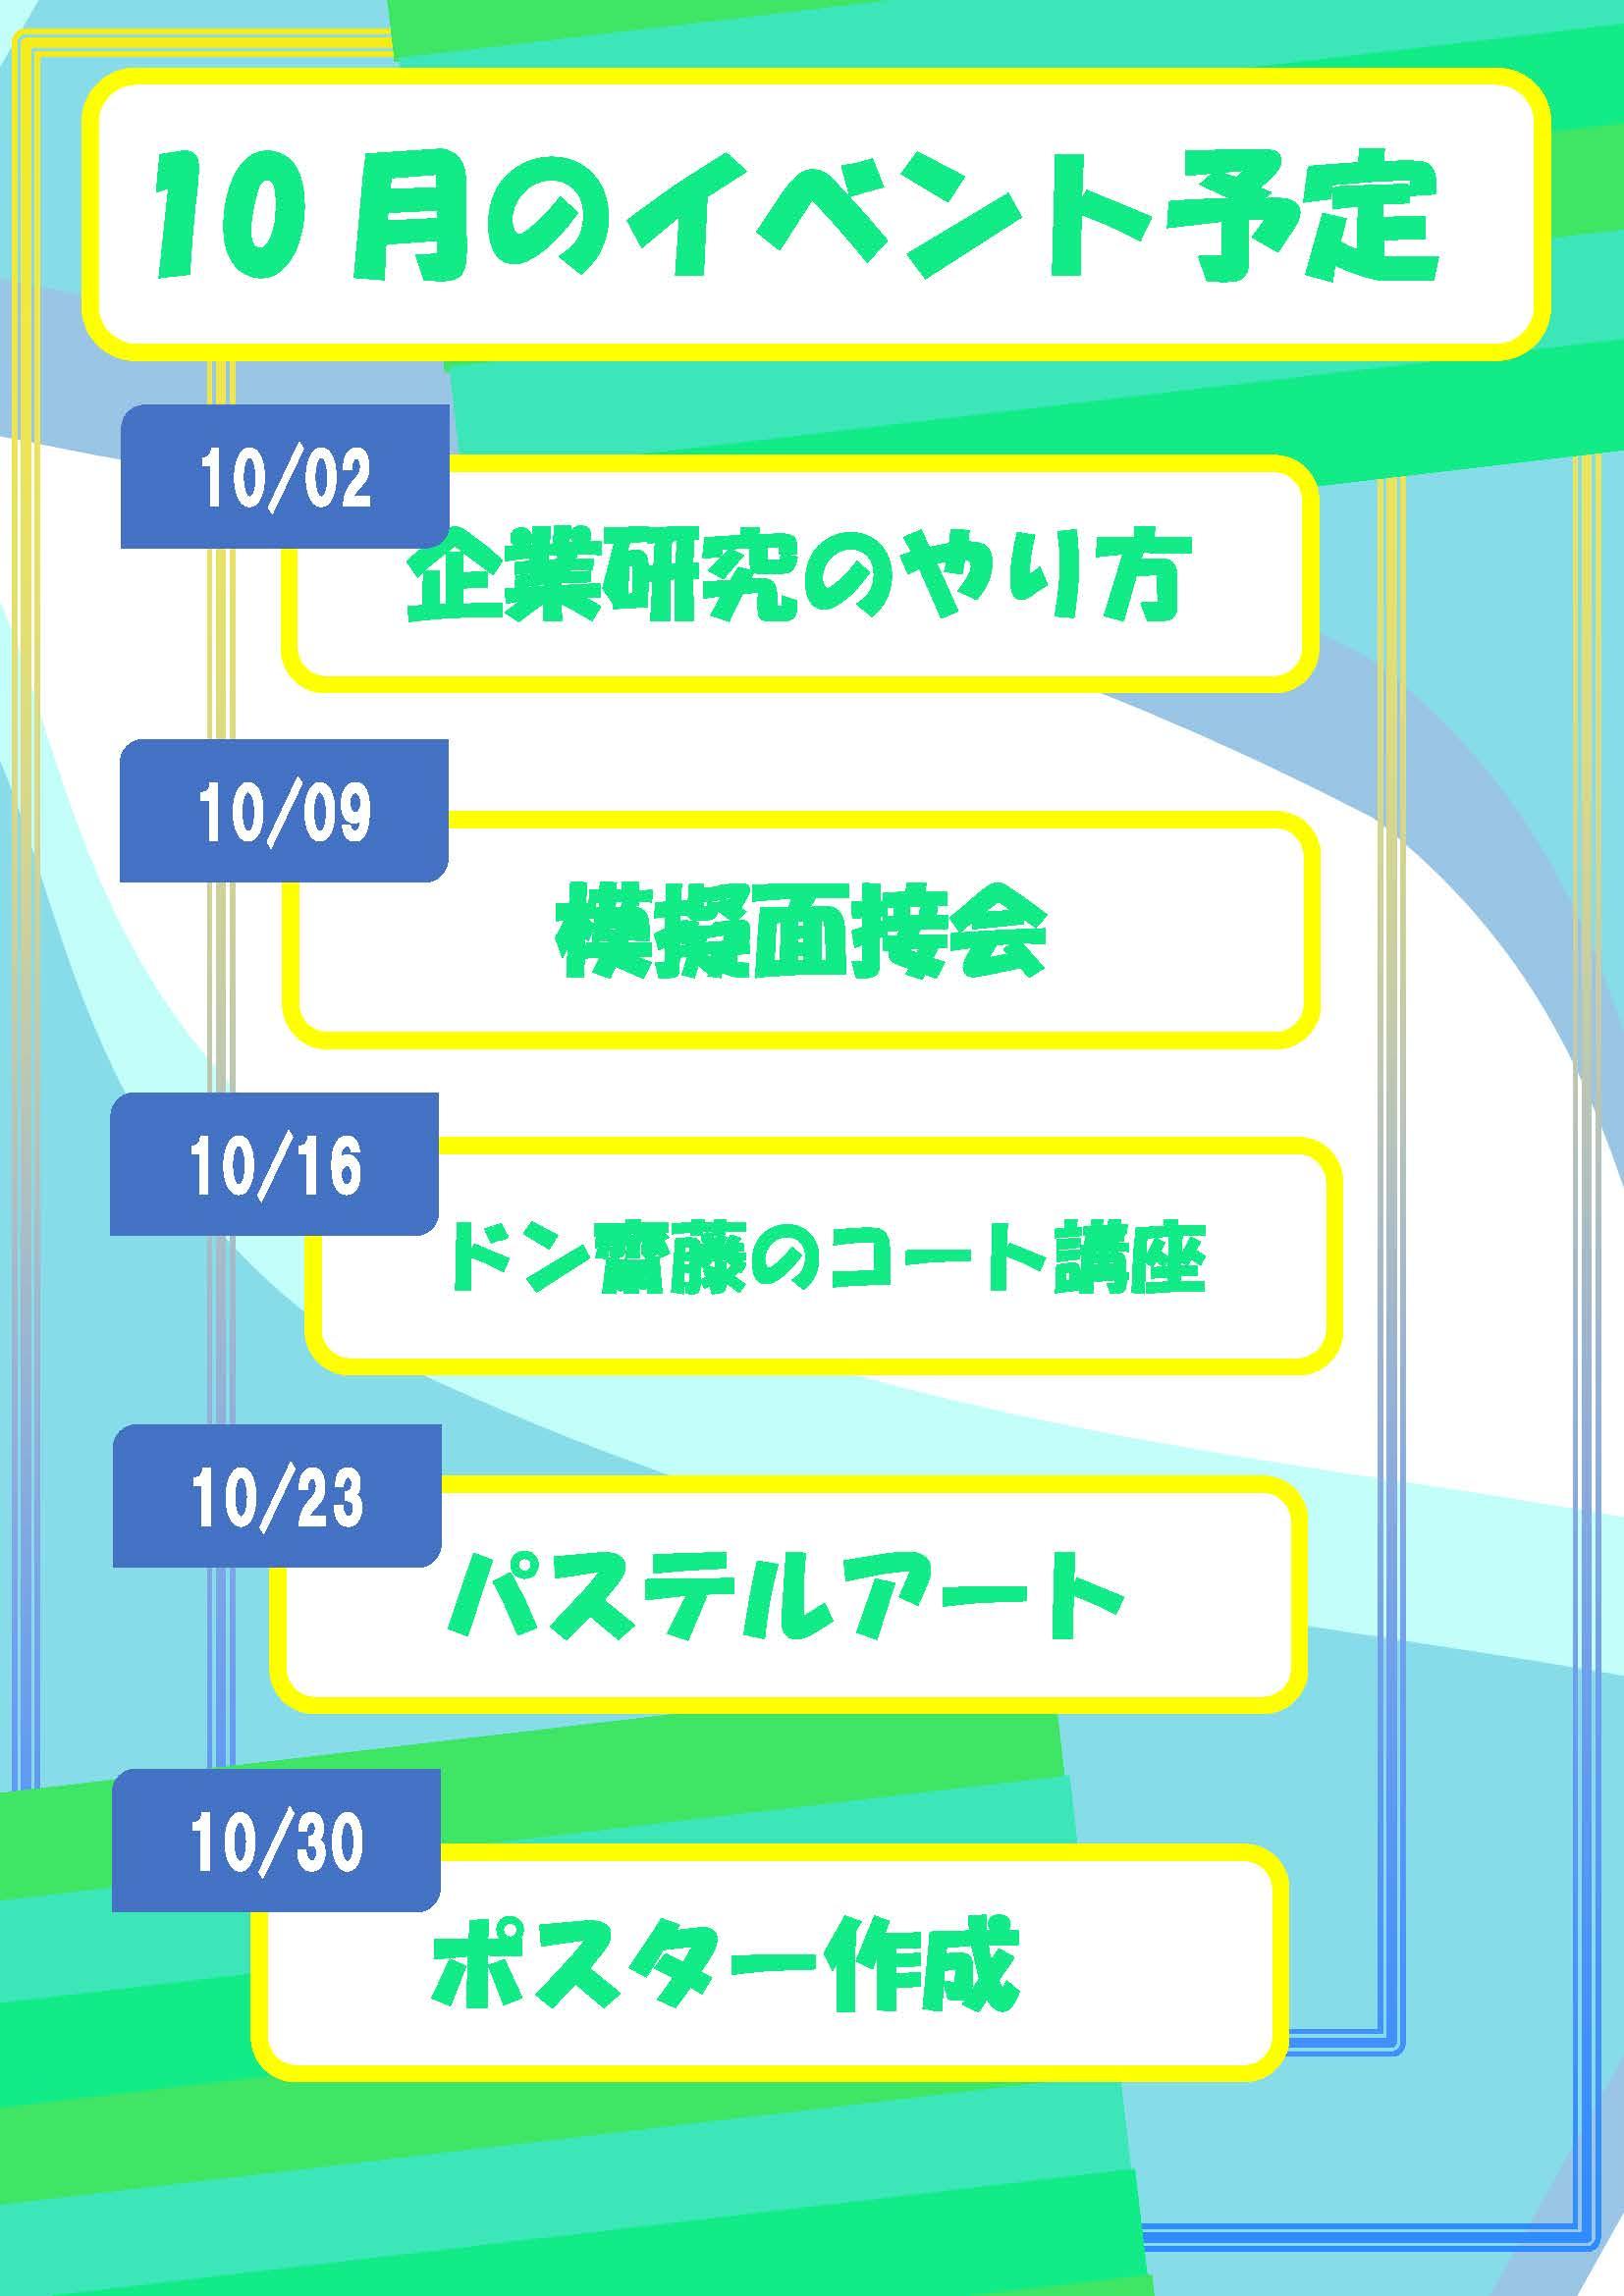 ウェルビー藤沢第2センター職員企画10月イベント一覧